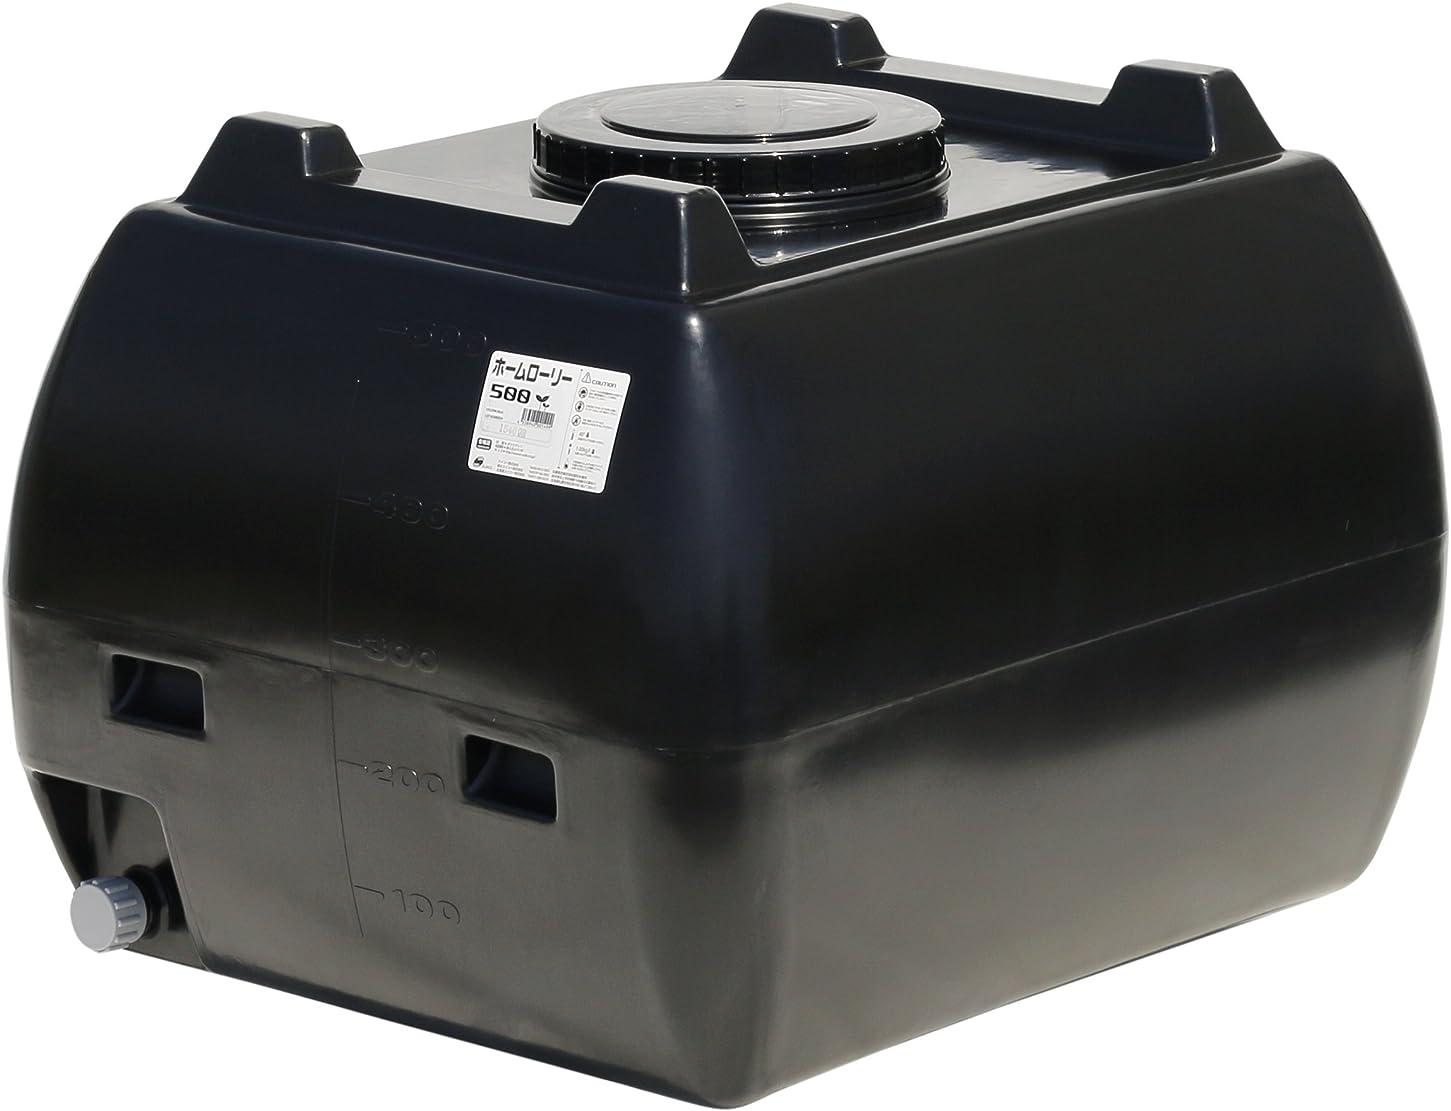 意気揚々好意ホイップスイコー ホームローリータンク 500L (ブラック)